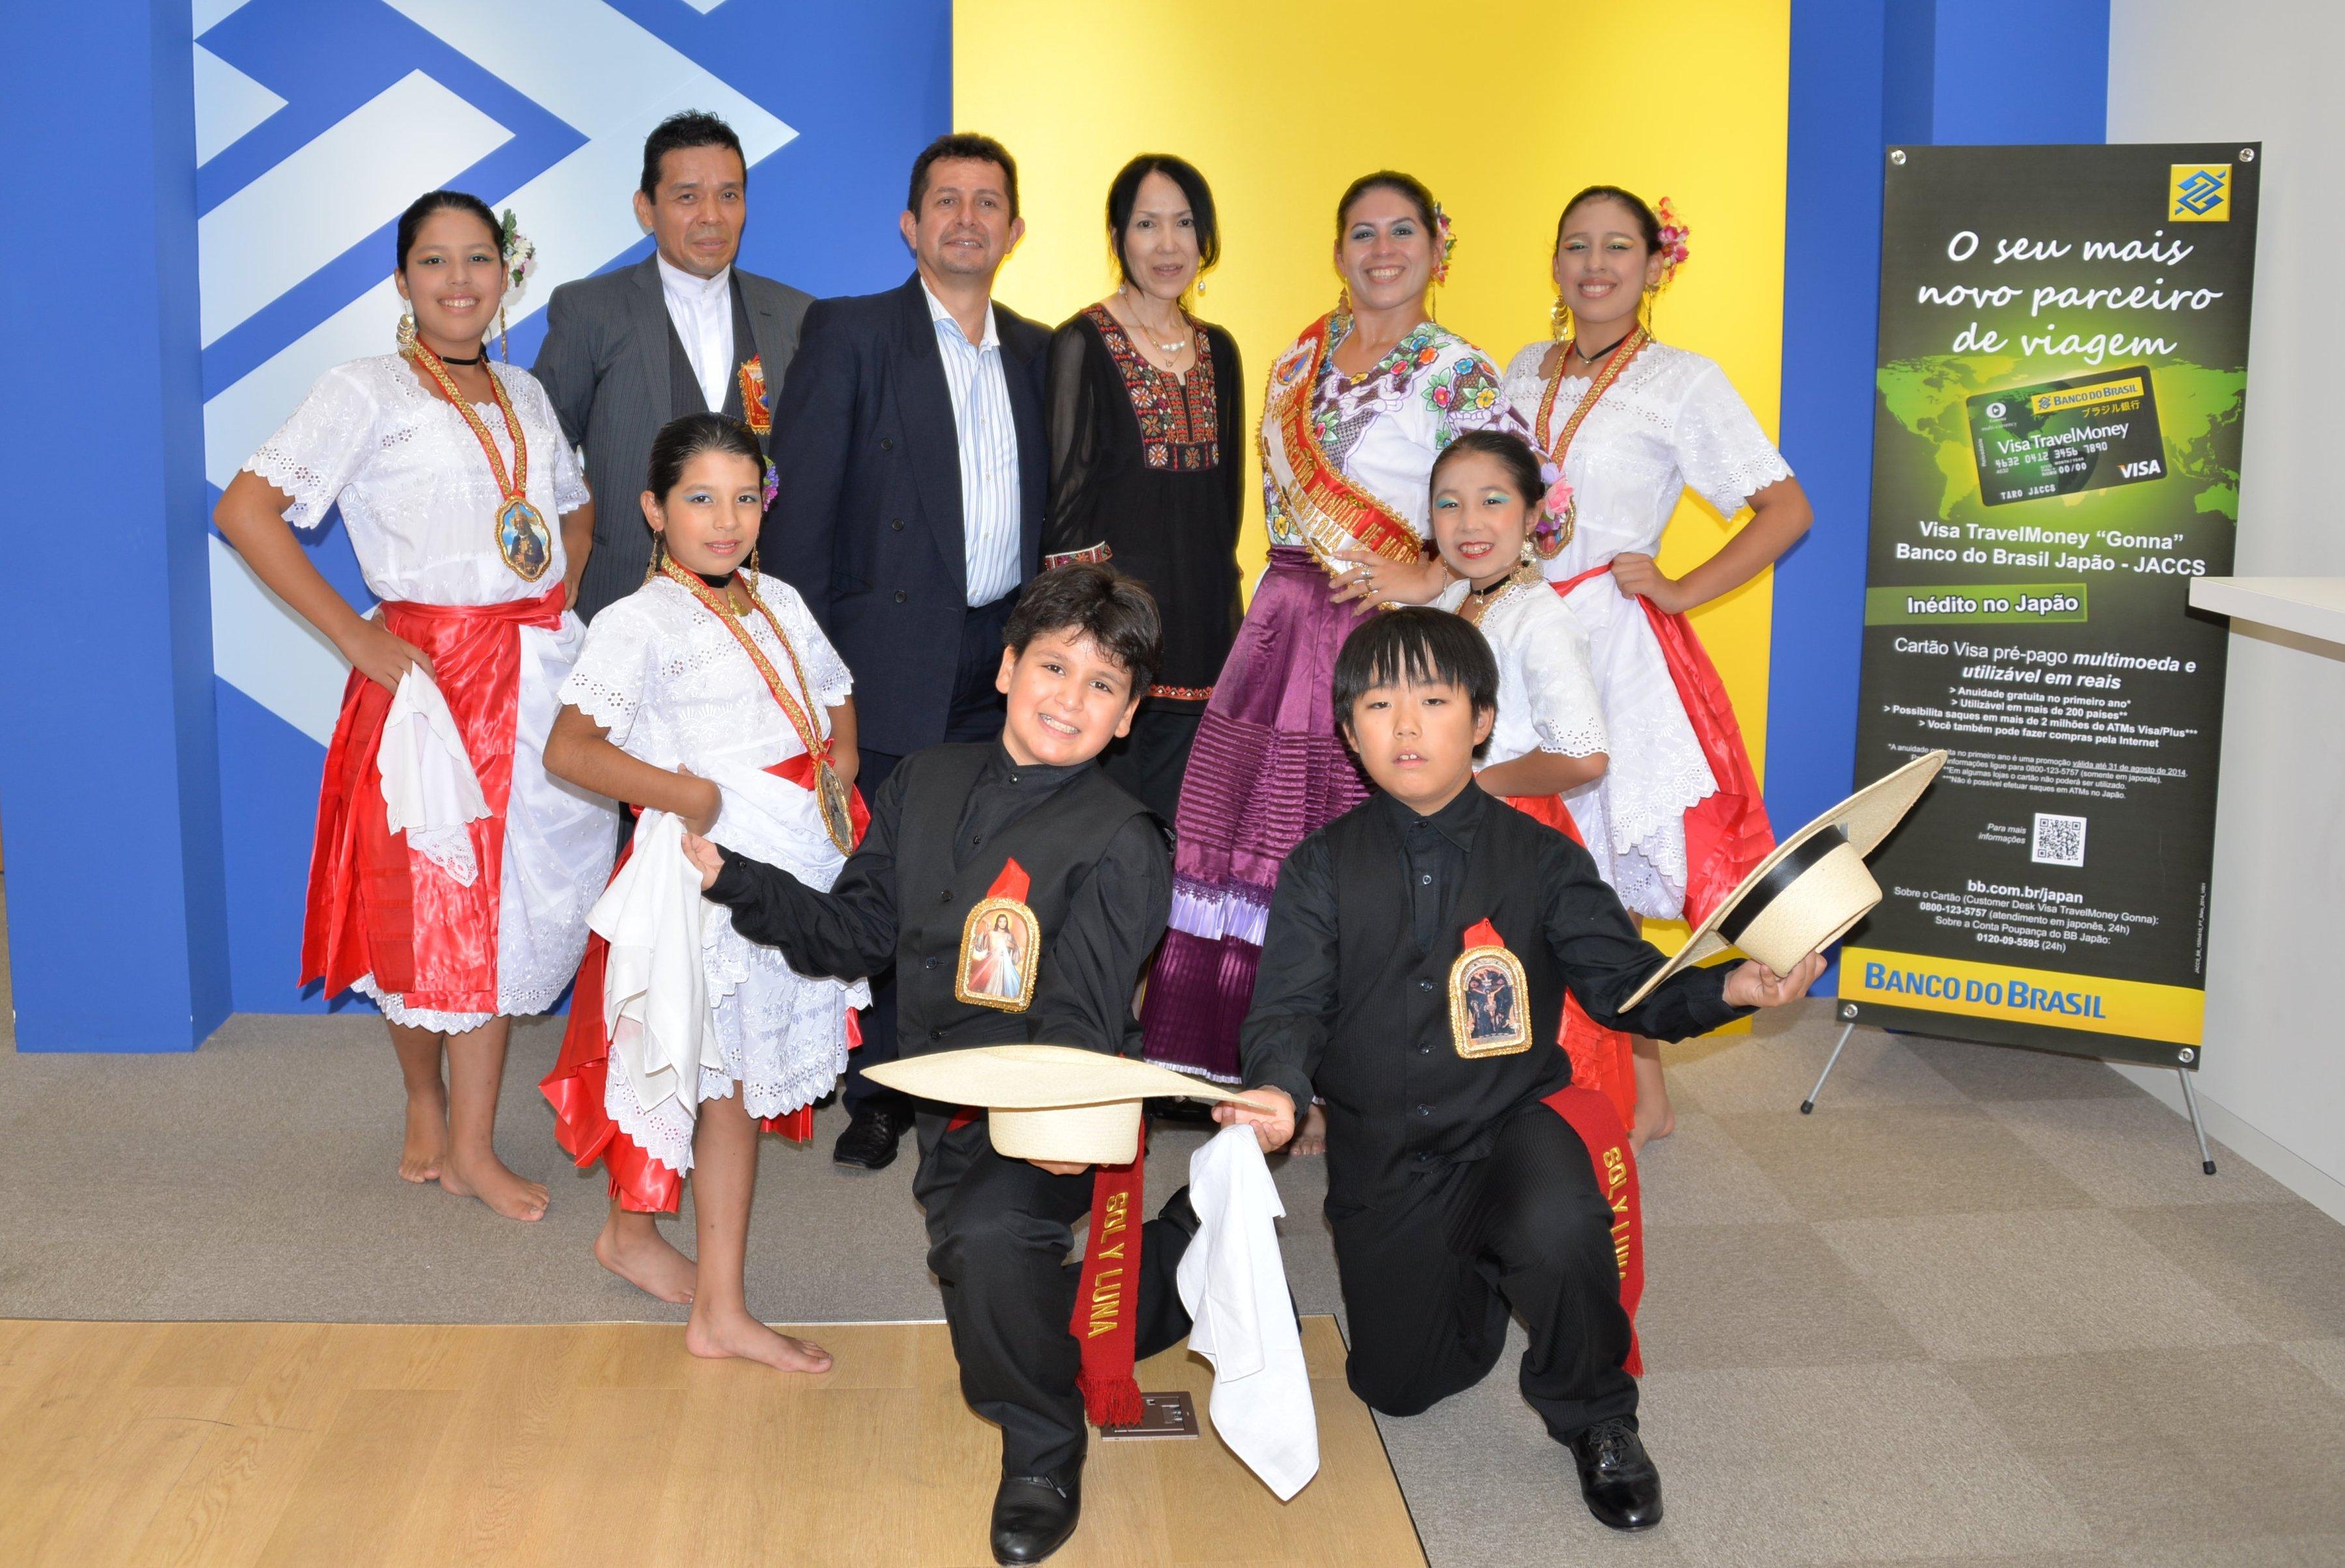 Cesar Paredes e esposa (no centro, ao fundo), com membros do grupo de dança da escola Sol y Luna, que fez uma apresentação de Marinera Norteña, dança típica do Peru.